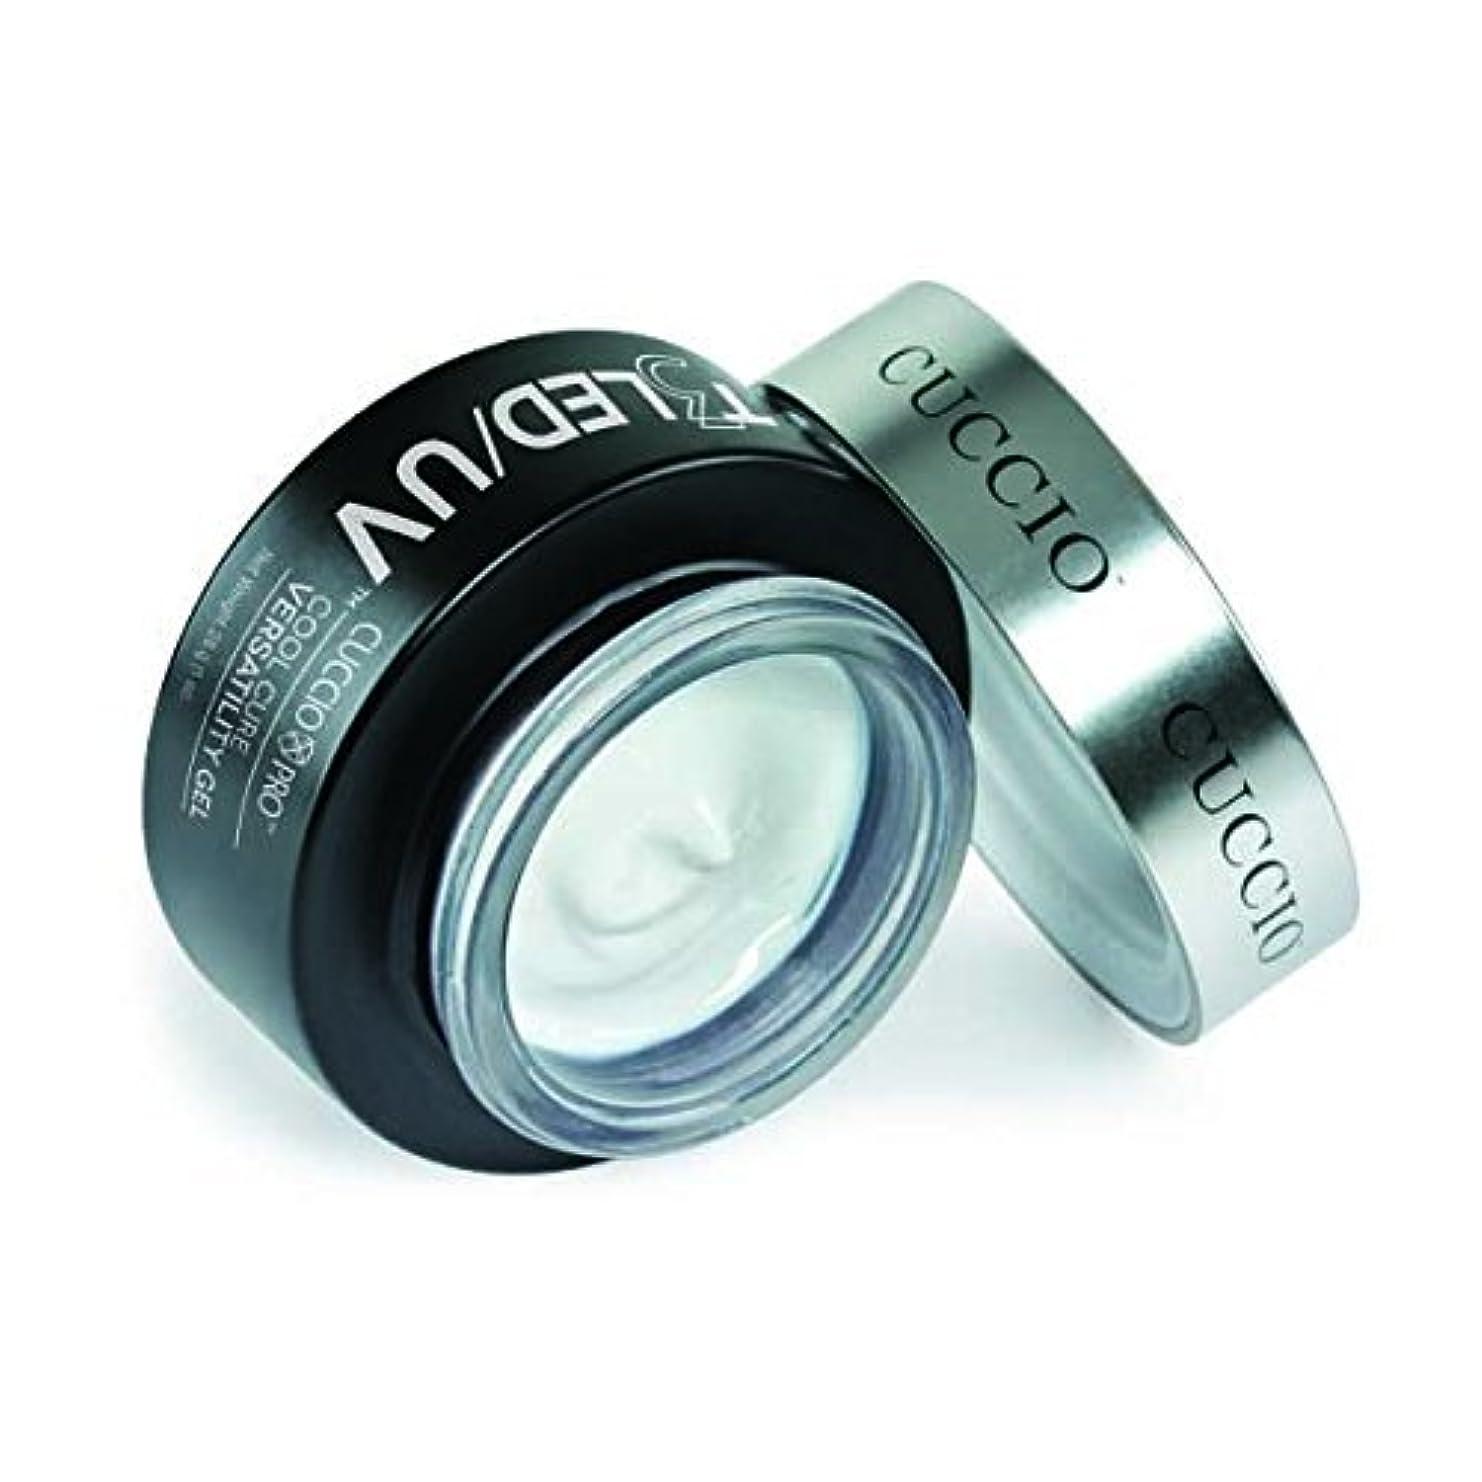 ビスケット大通りメーカーCuccio Pro - T3 LED/UV Self- Leveling Gel - Clear - 2oz / 56g